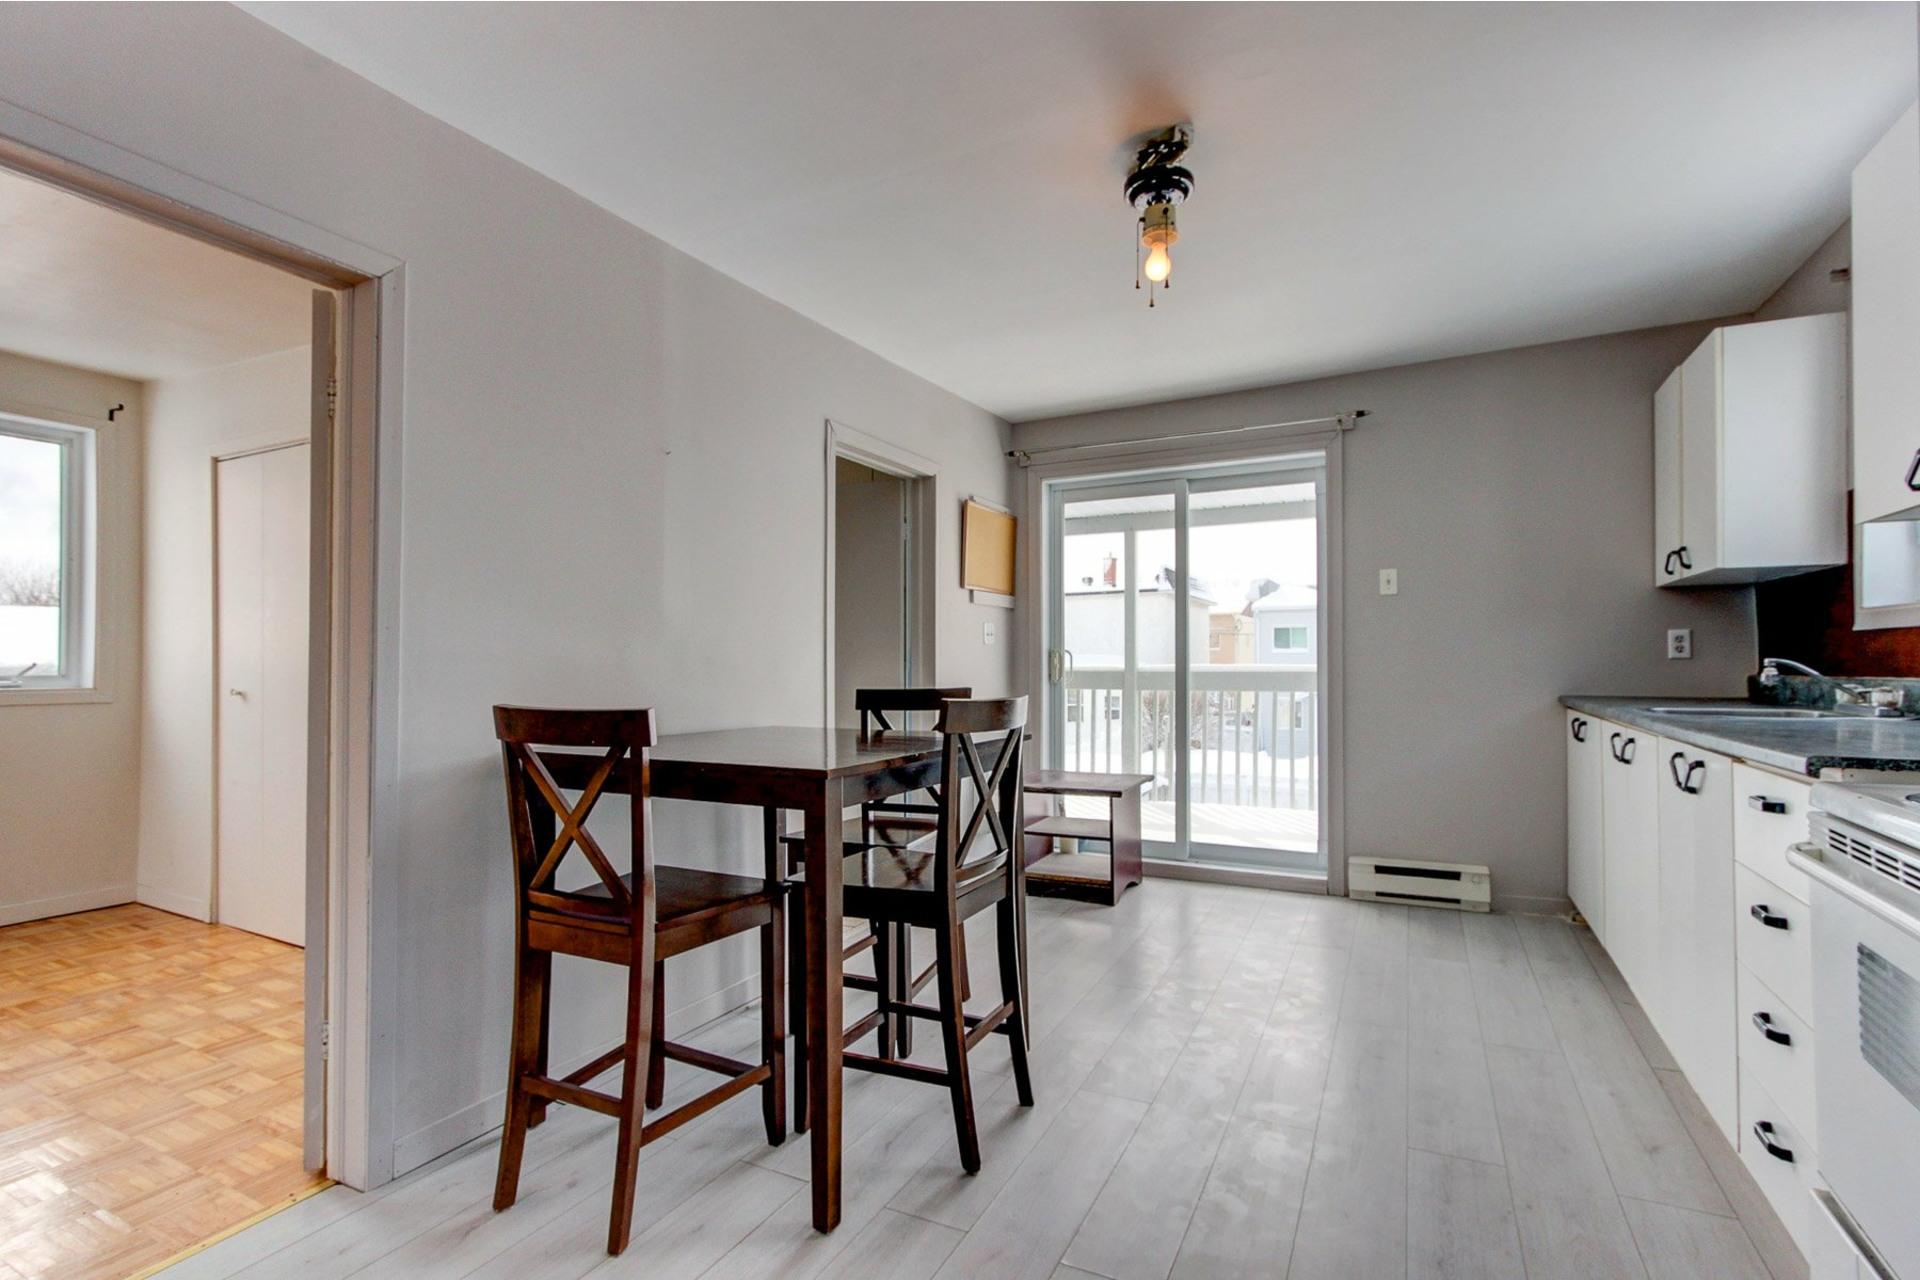 image 13 - Duplex À vendre Trois-Rivières - 5 pièces